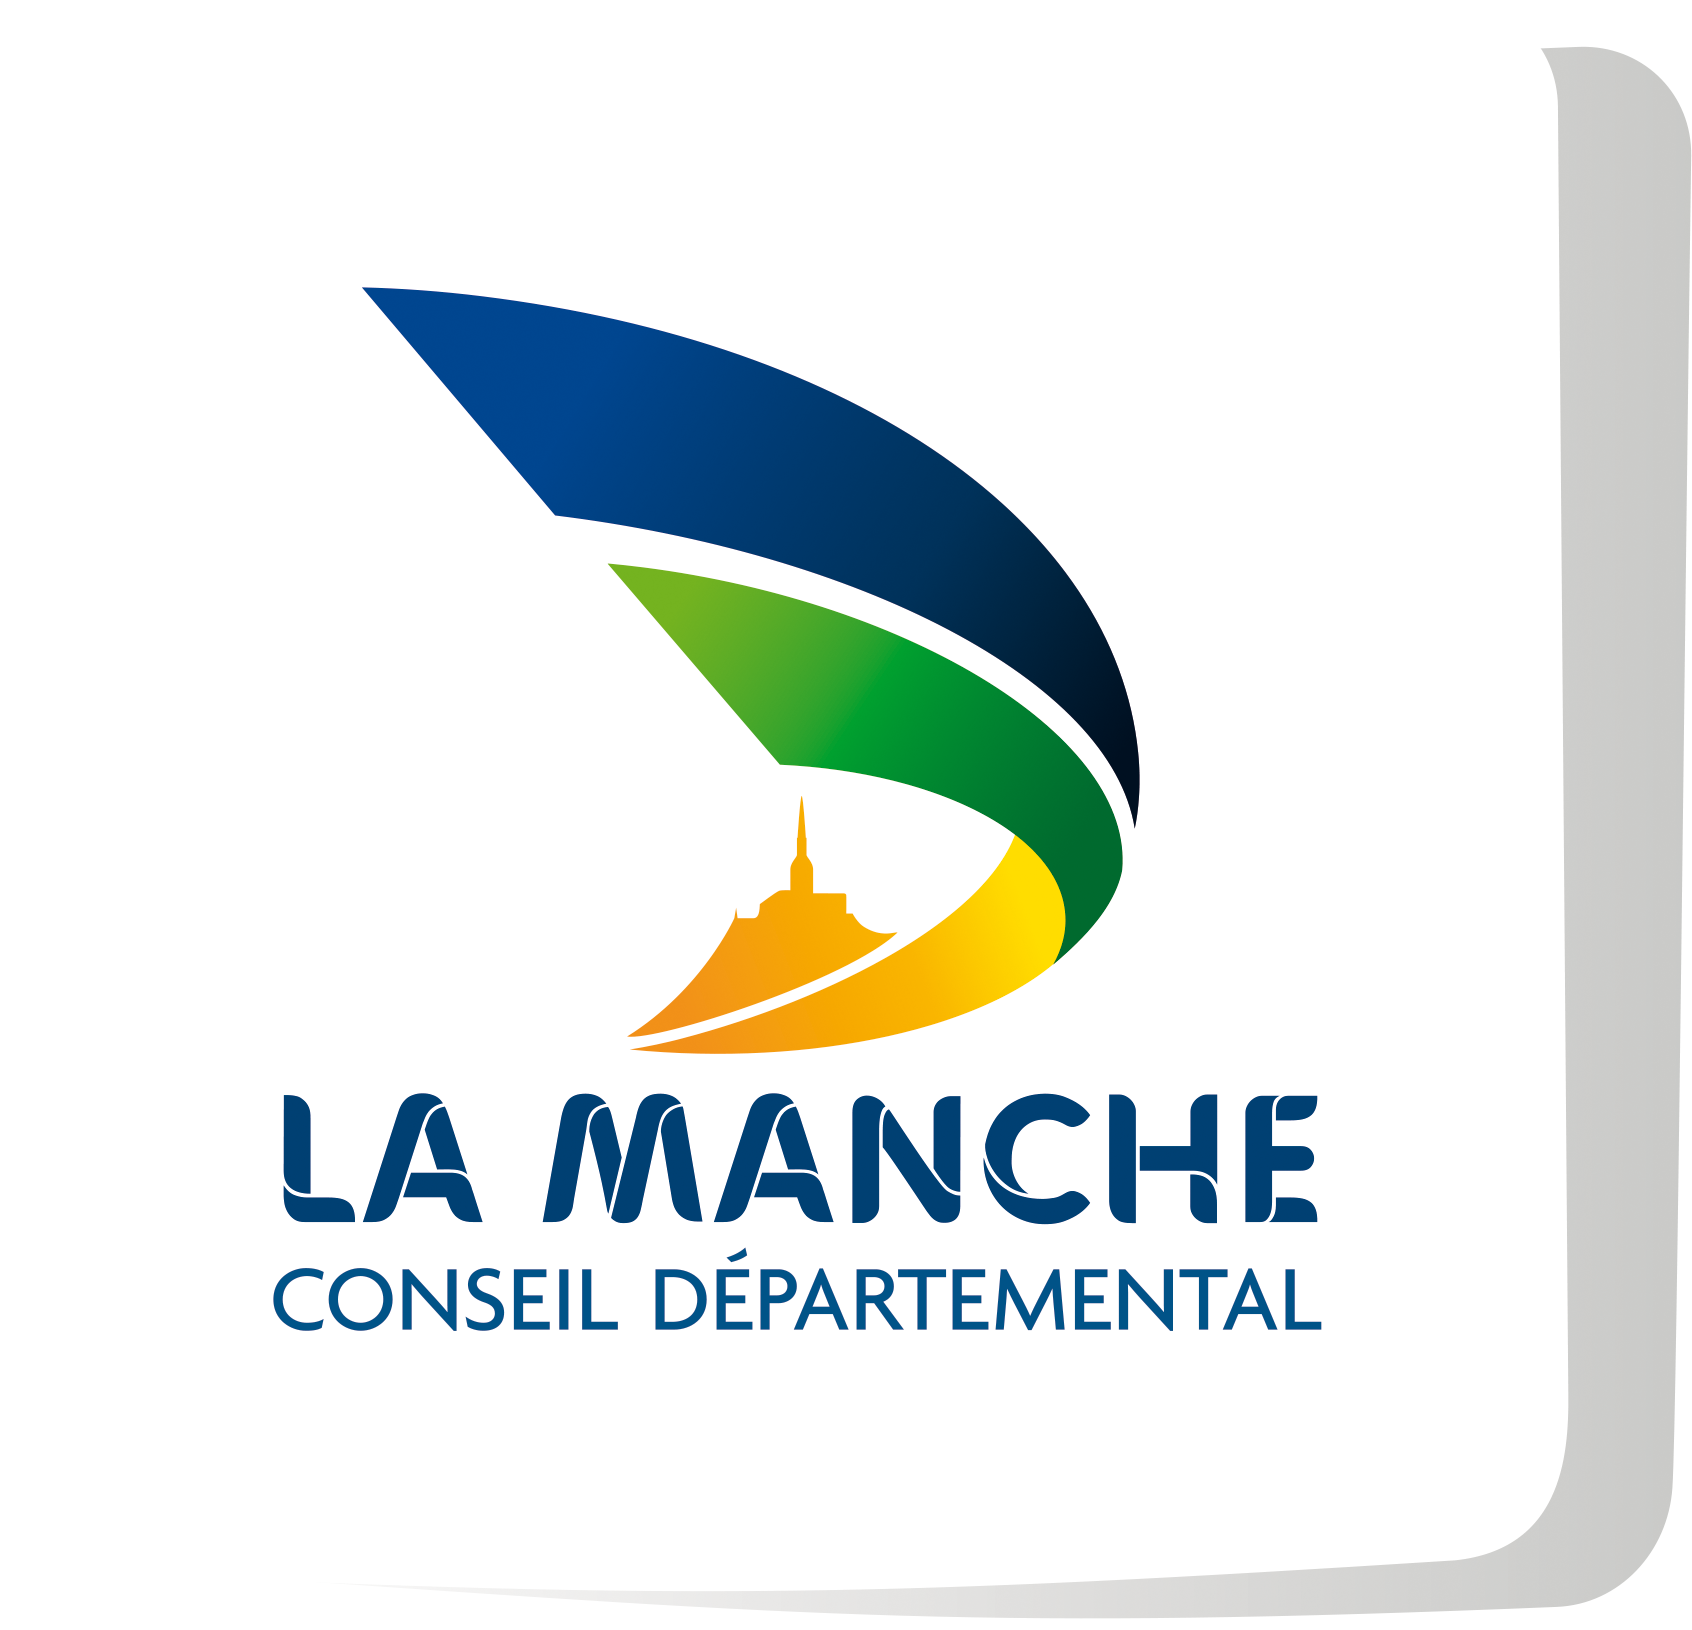 Conseil départemental de la Manche